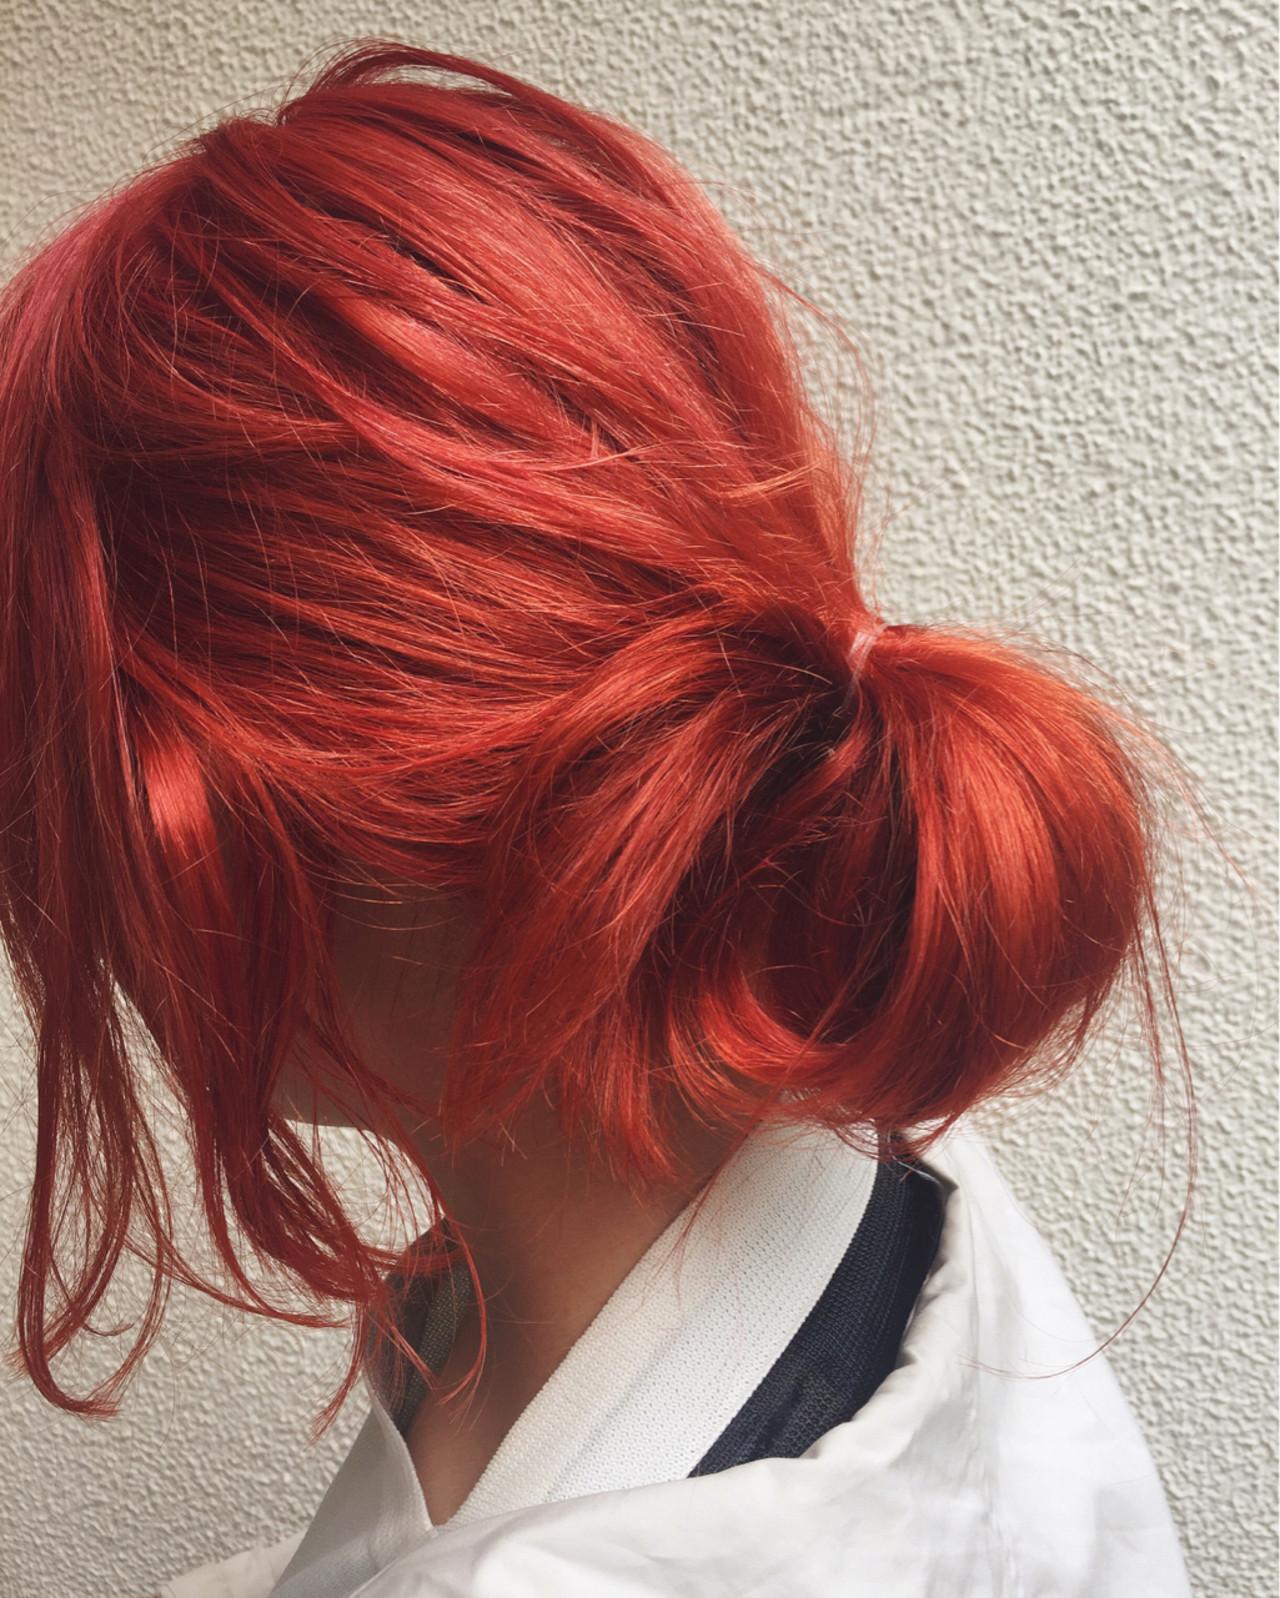 ぶれないオシャレを楽しみたい!ハイセンスな派手髪カタログ。 yuji_yamaguchi / bloc